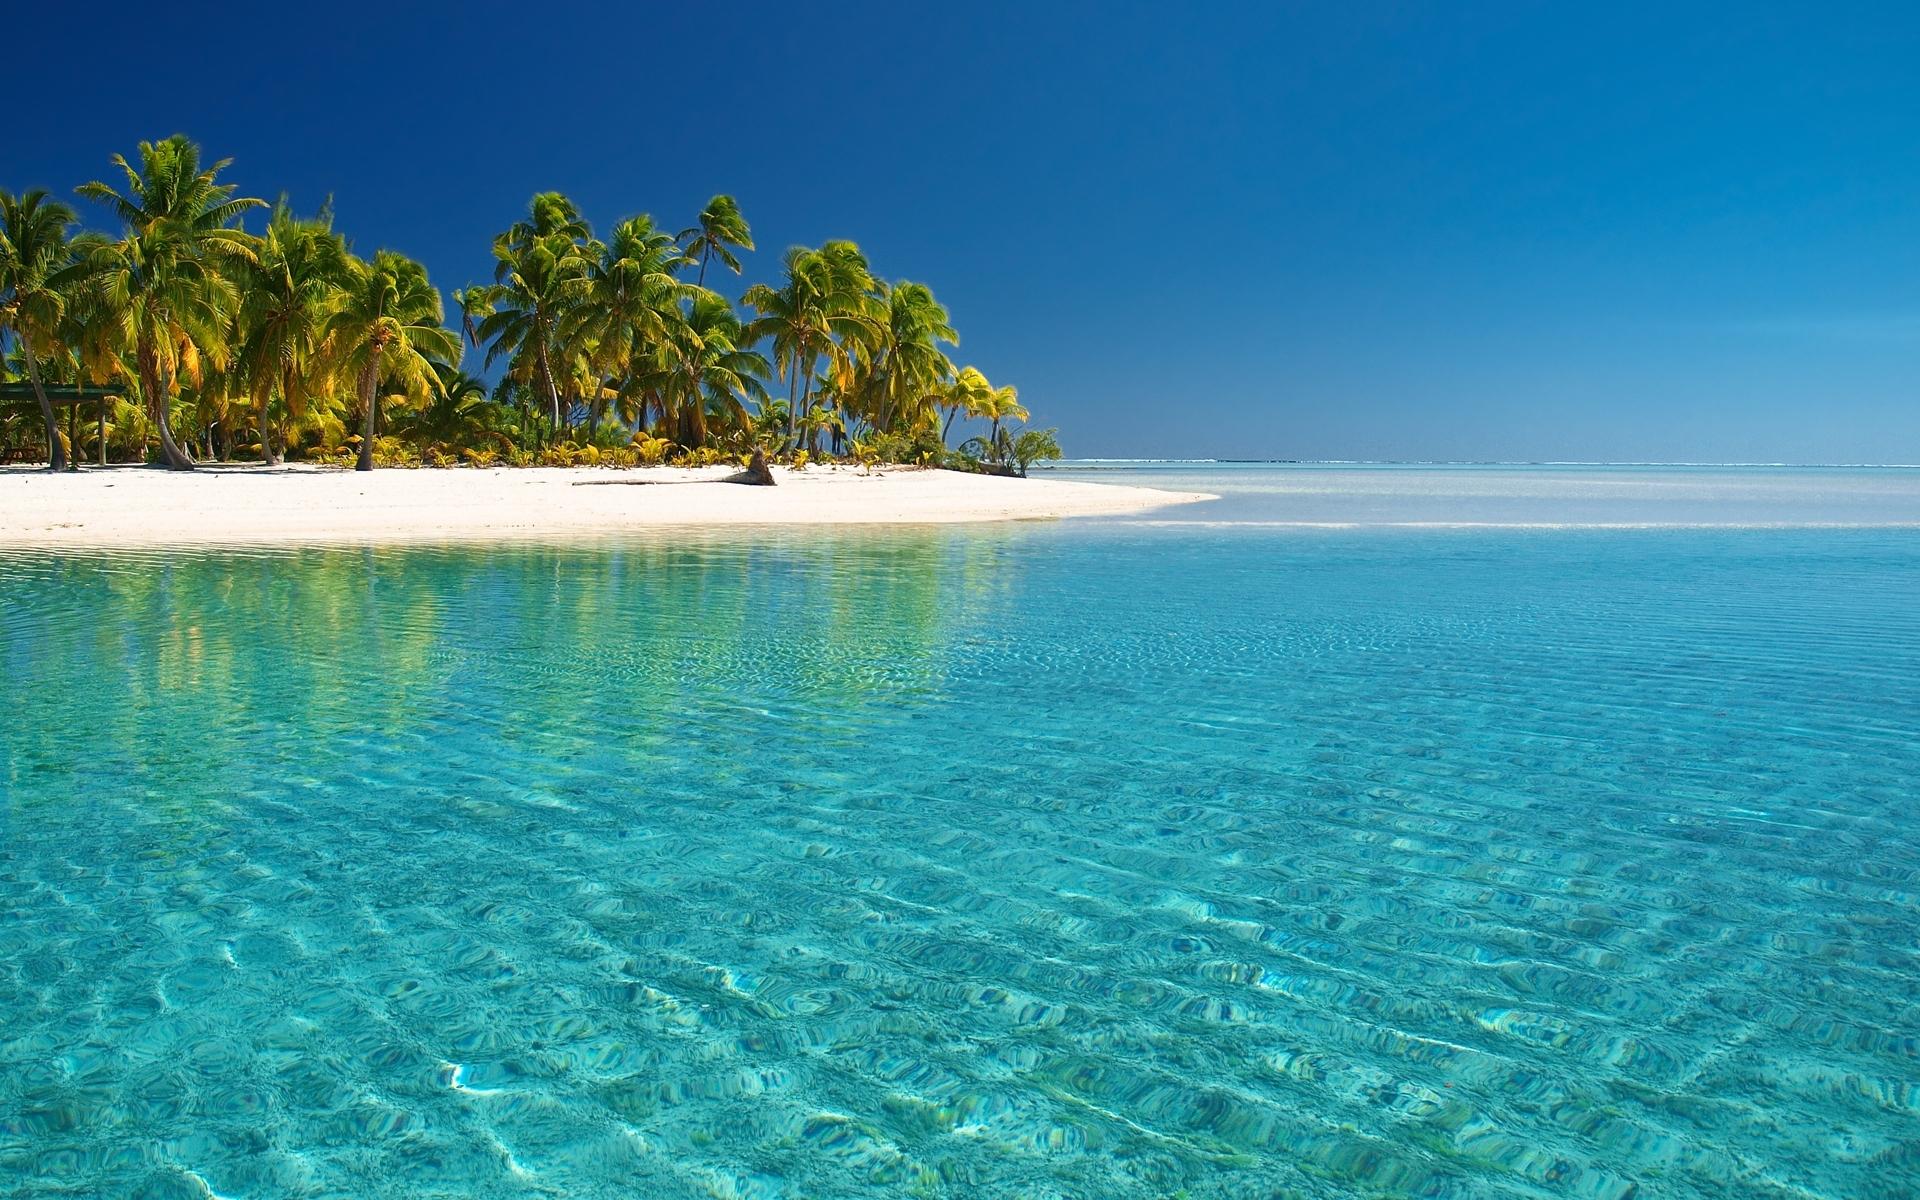 39461 скачать обои Пейзаж, Пляж, Пальмы - заставки и картинки бесплатно